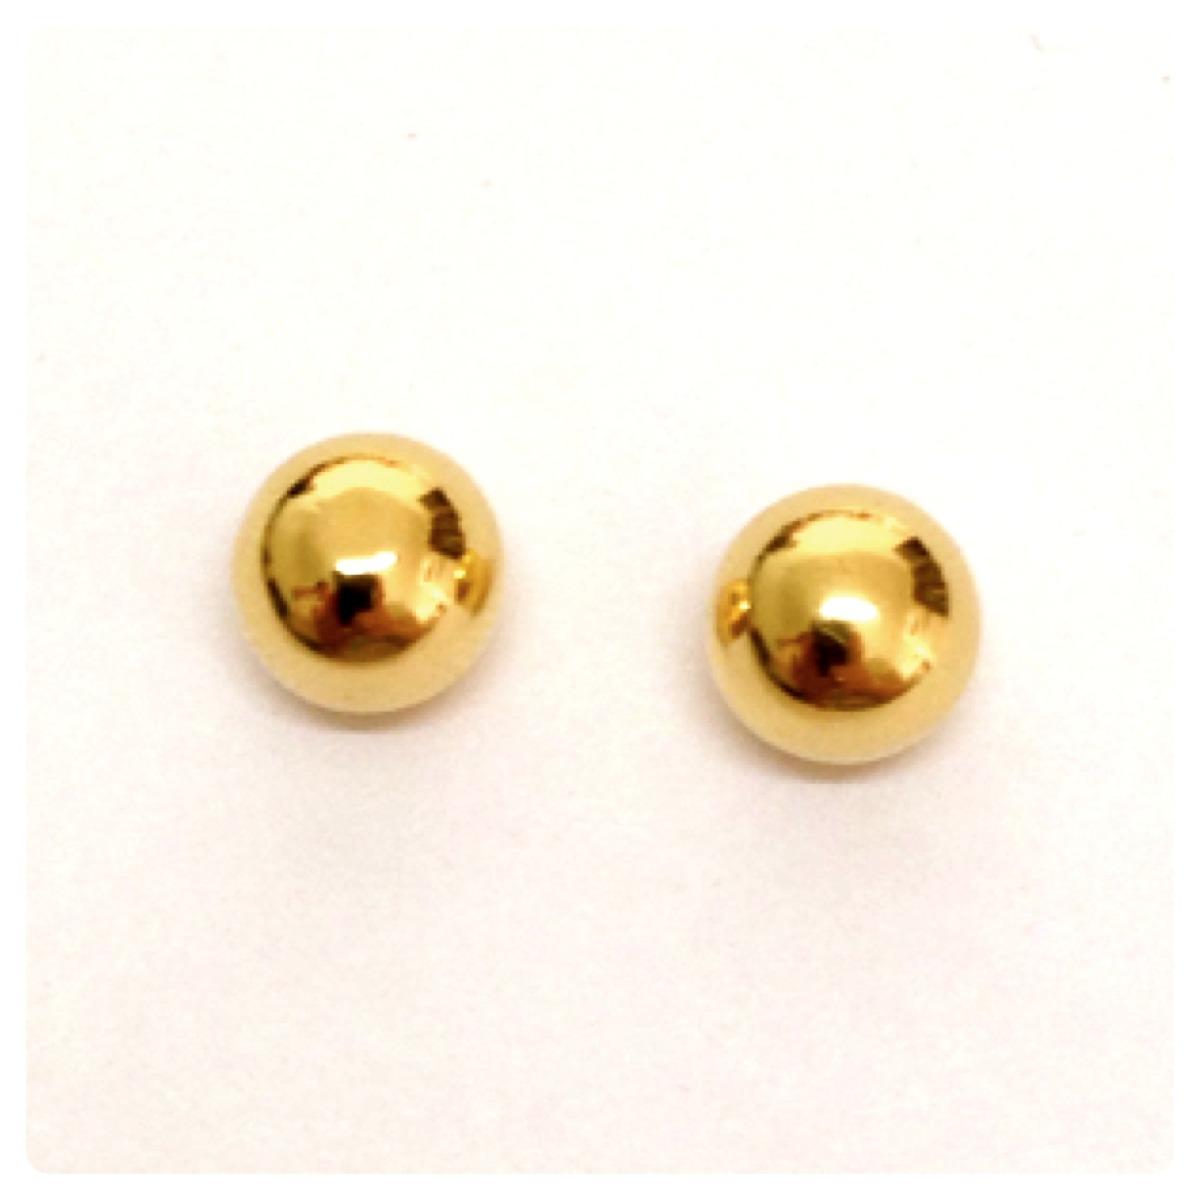 brincos bola de ouro 18k de 4 mm com certificado promoção. Carregando zoom. 2e3baad25e